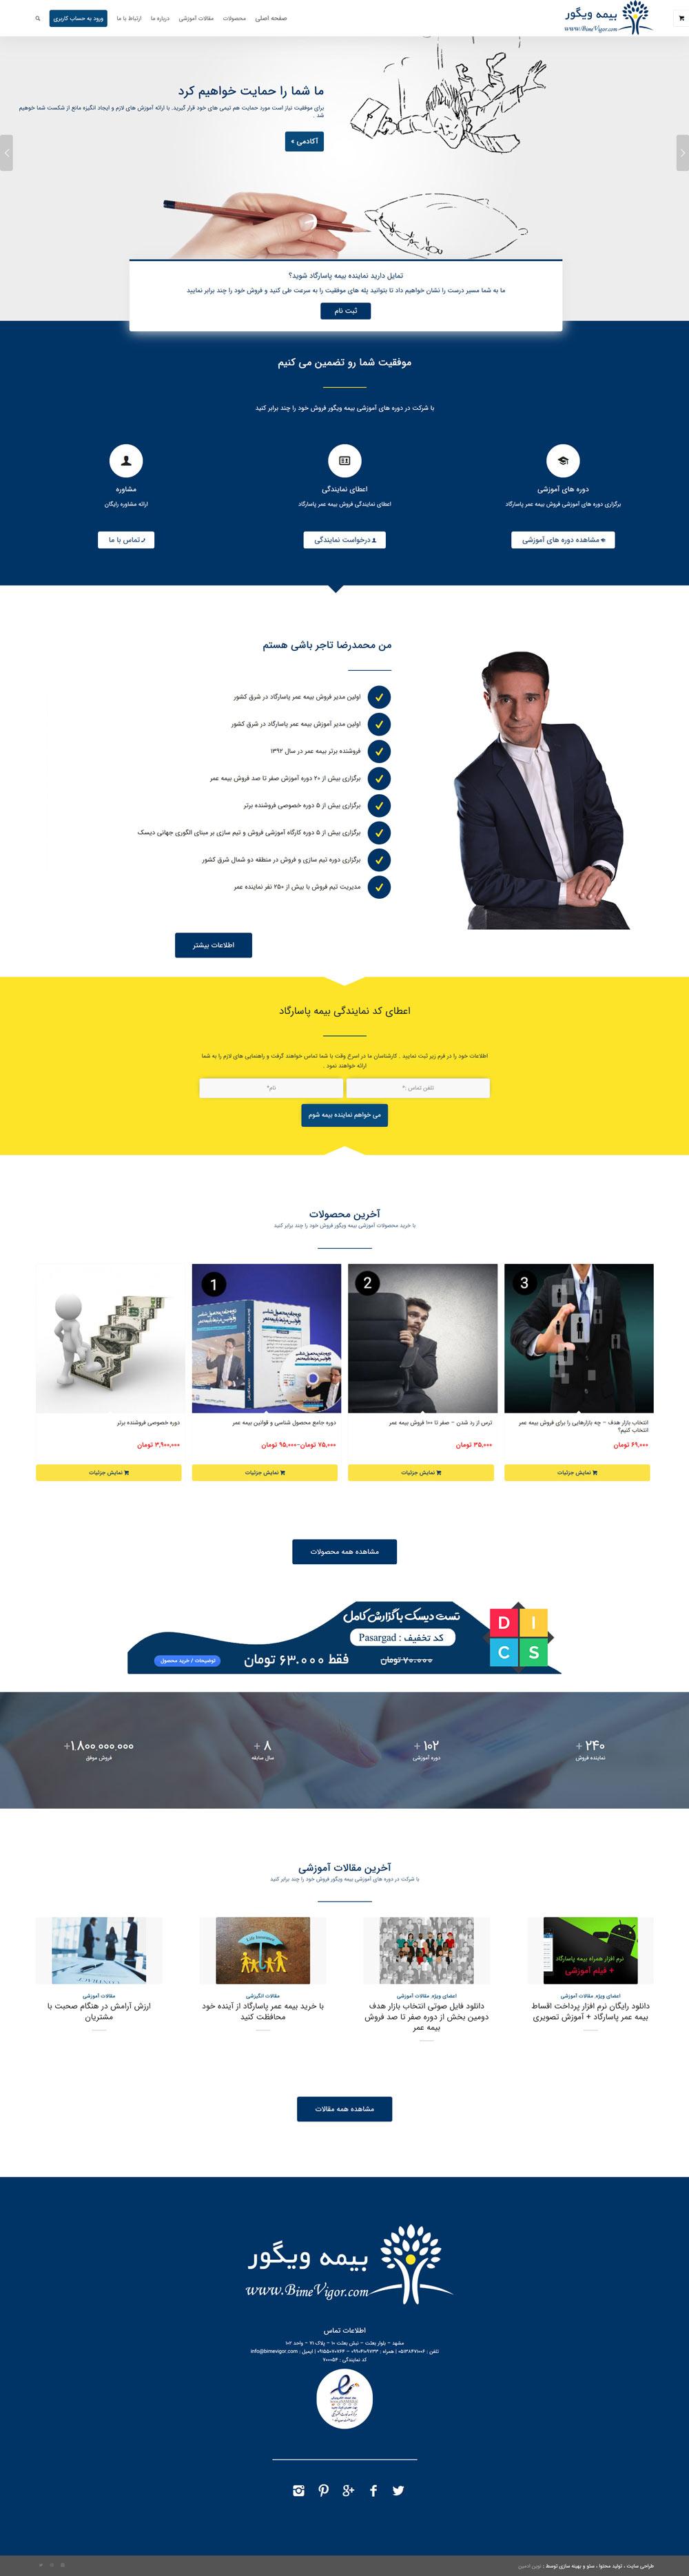 طراحی سایت بیمه ویگور